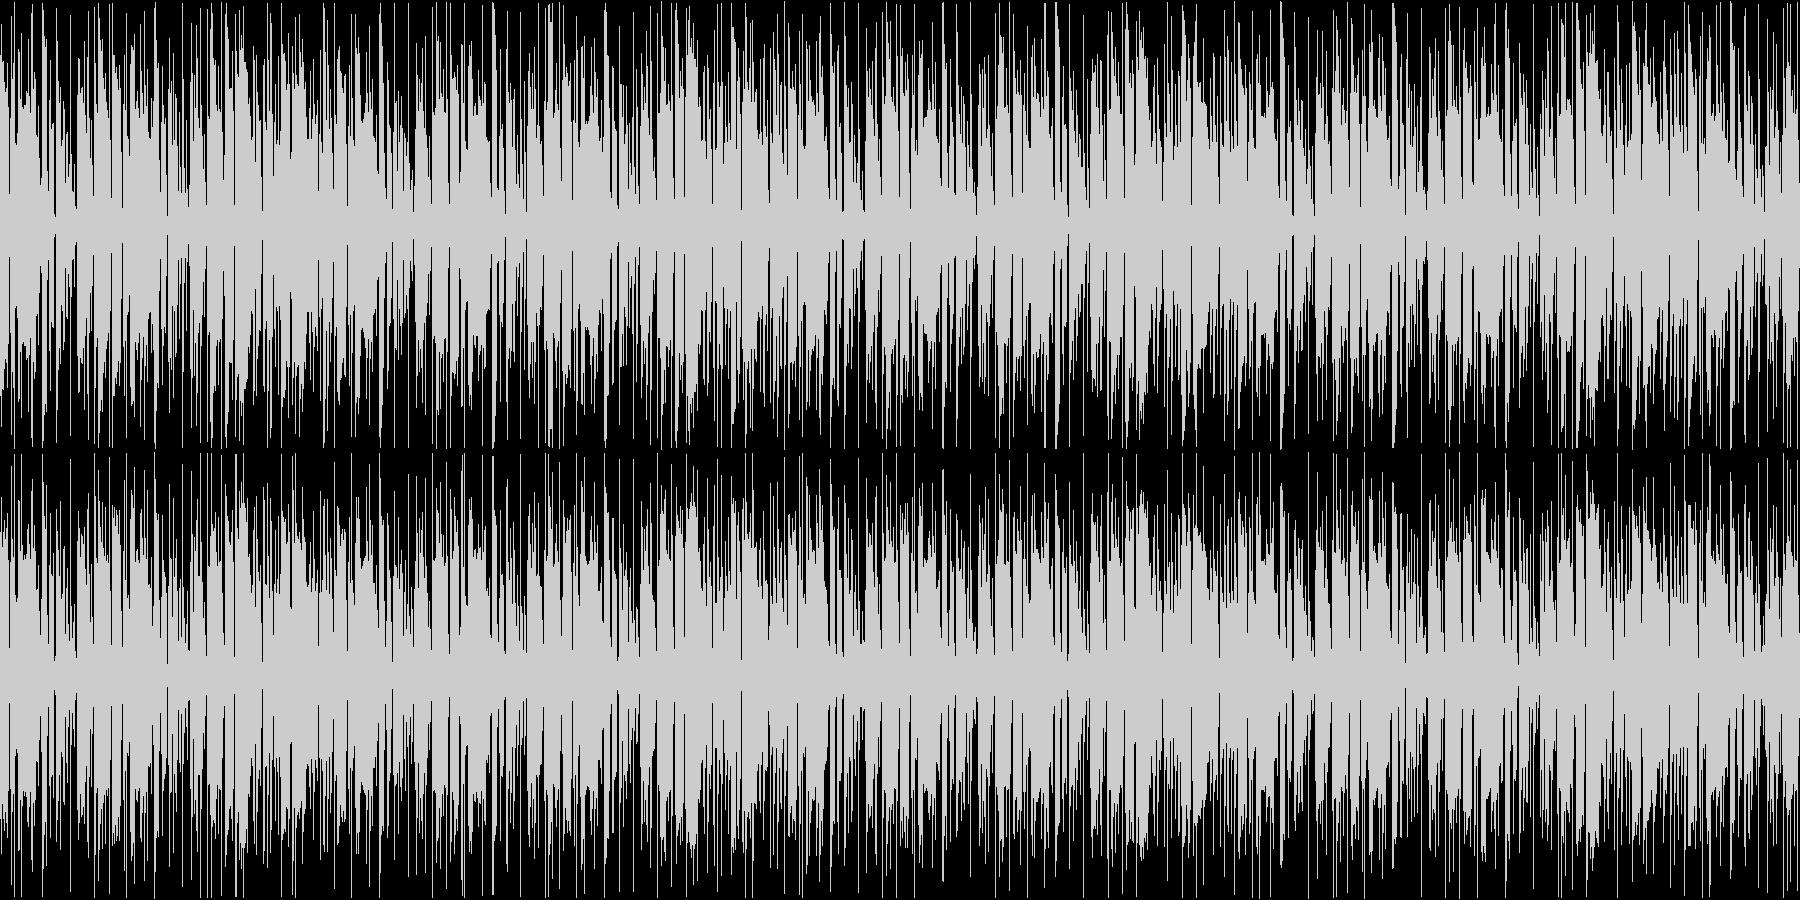 ファンク調のリズミカルカッティングループの未再生の波形